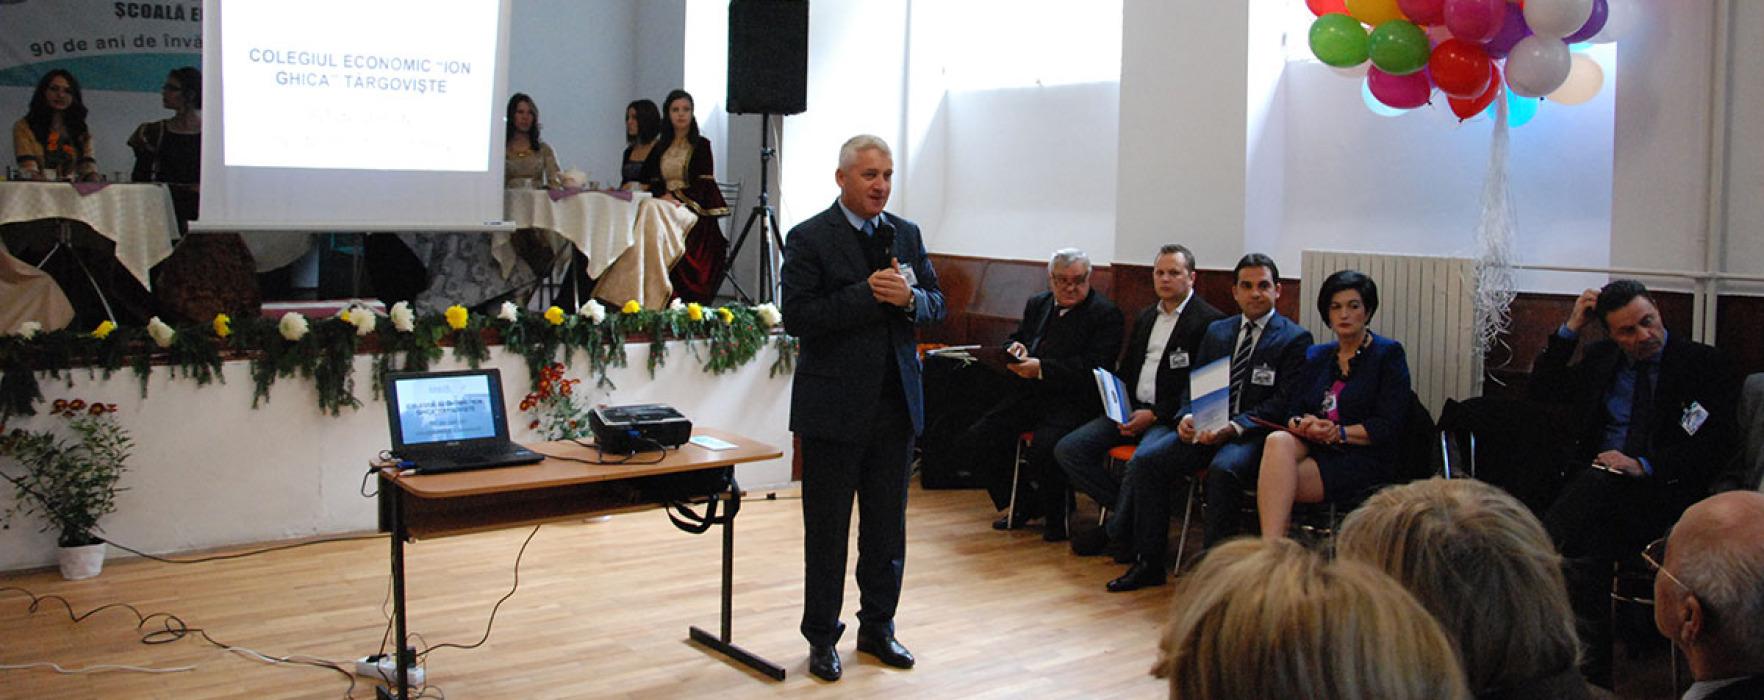 """Colegiul Economic """"Ion Ghica"""" Târgovişte, 90 de ani de la înființare"""